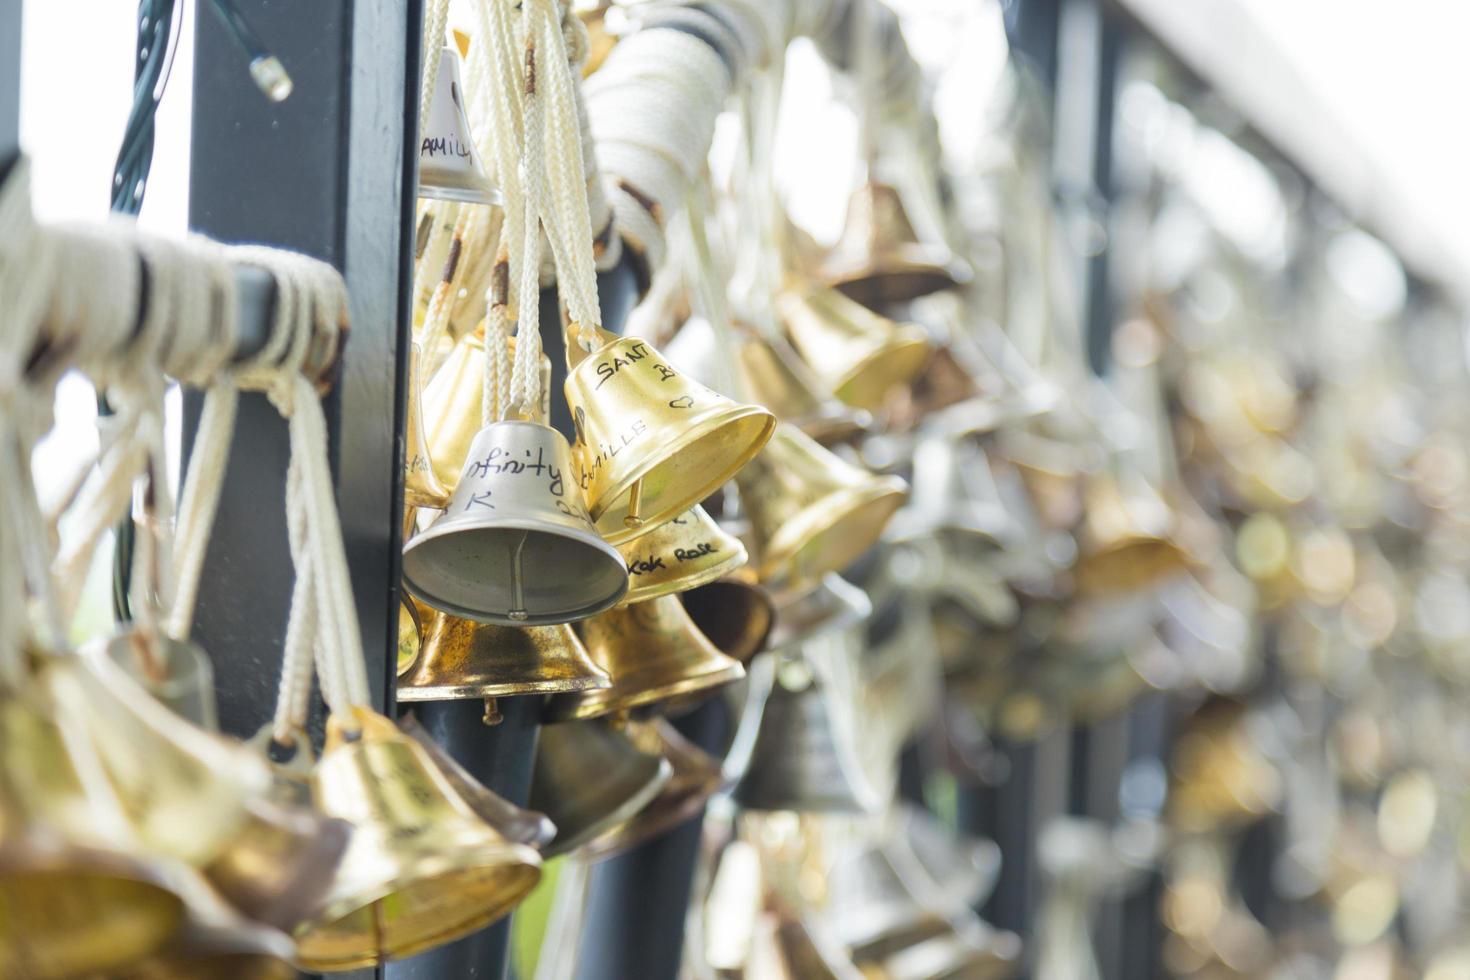 pequeñas campanas atadas a una cerca foto